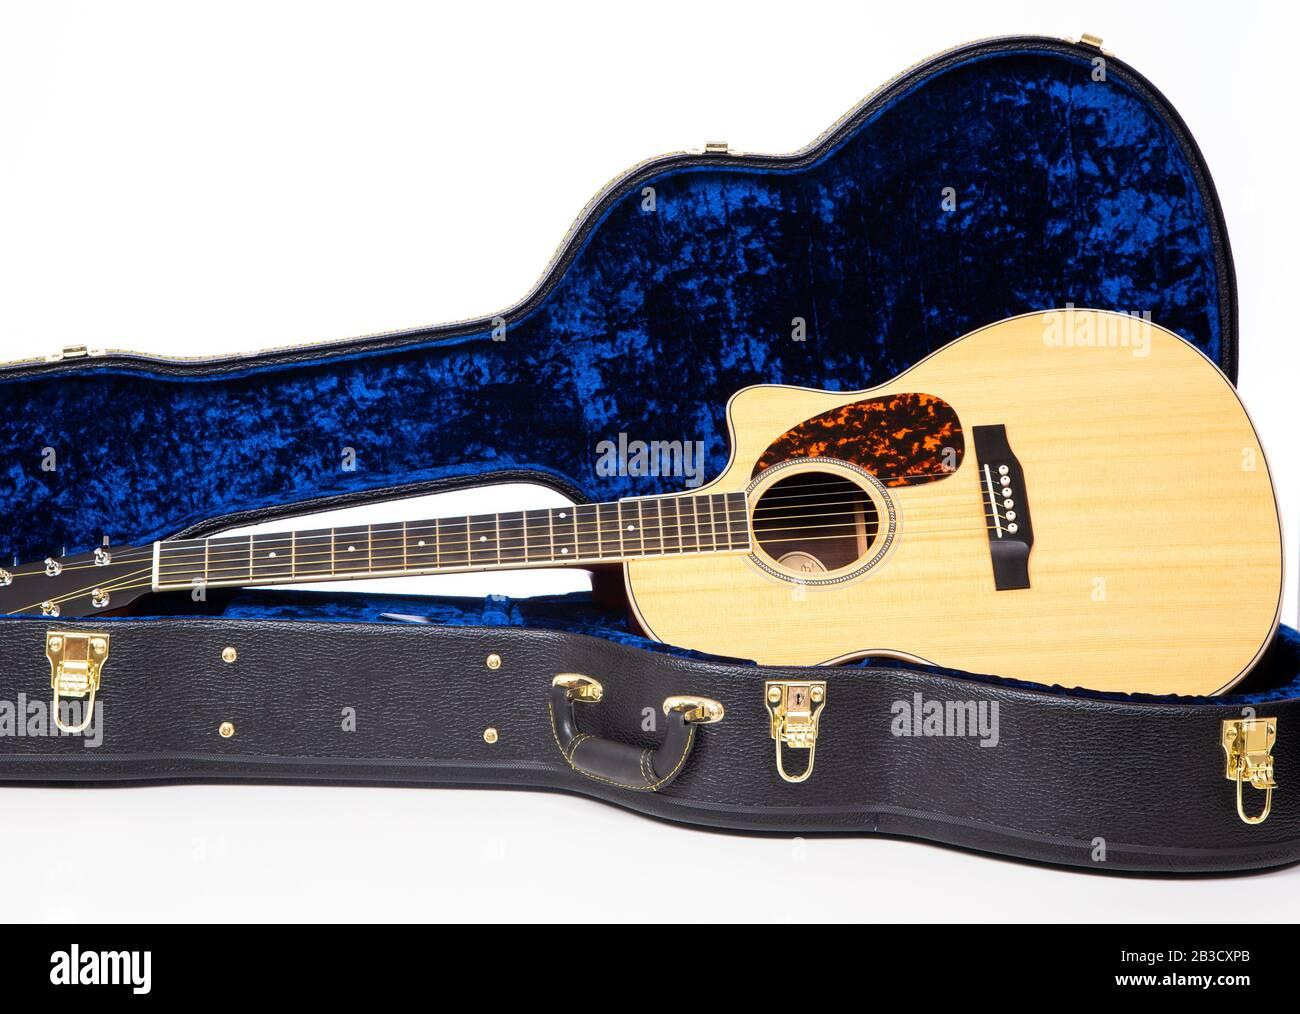 Une guitare acoustique en bois en cas de fond blanc Banque D'Images